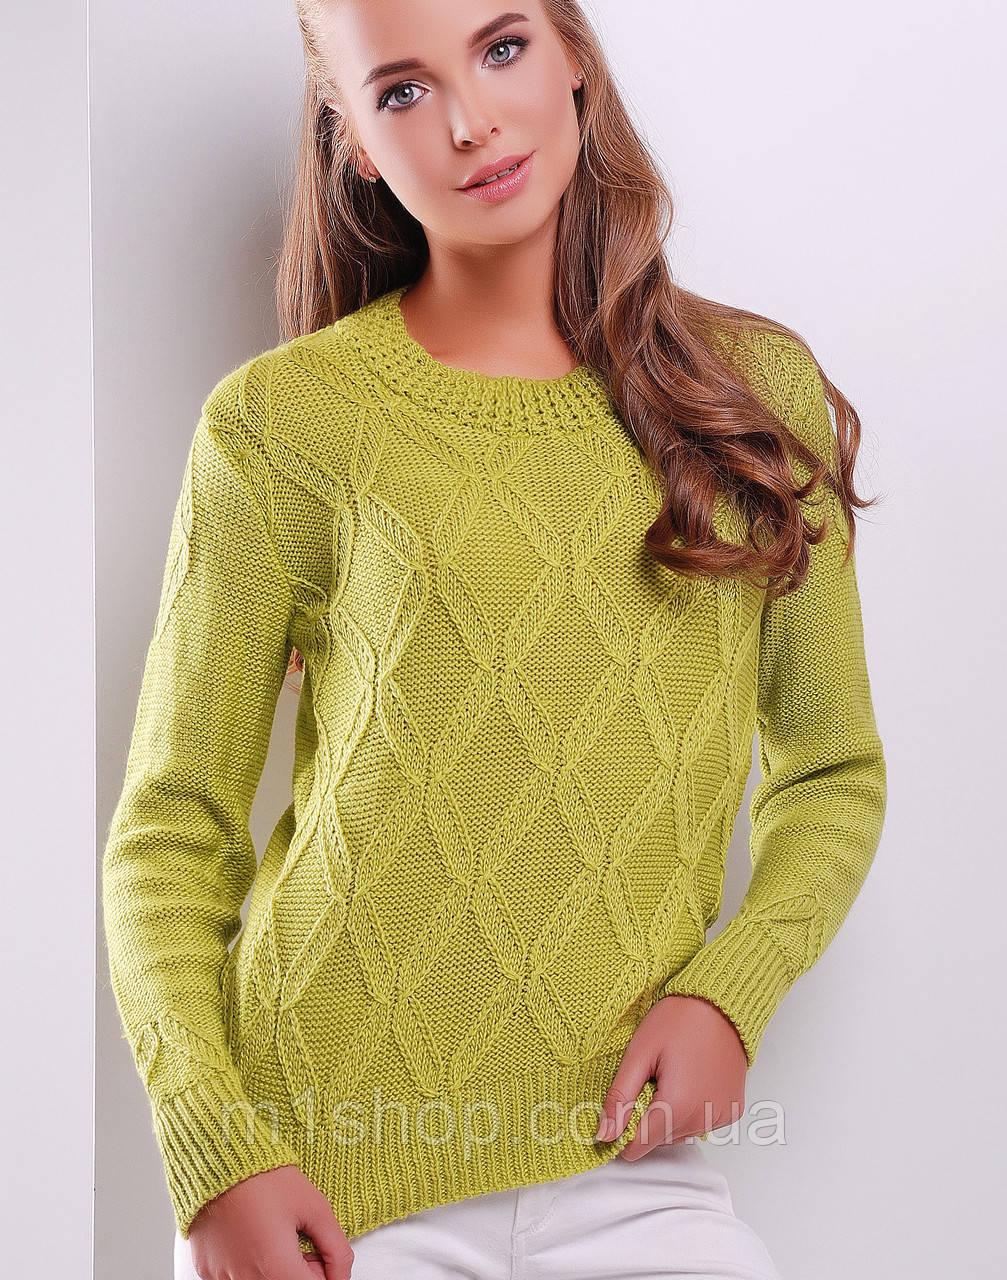 Женский вязаный свитер с фигурными ромбами (17 mrs)